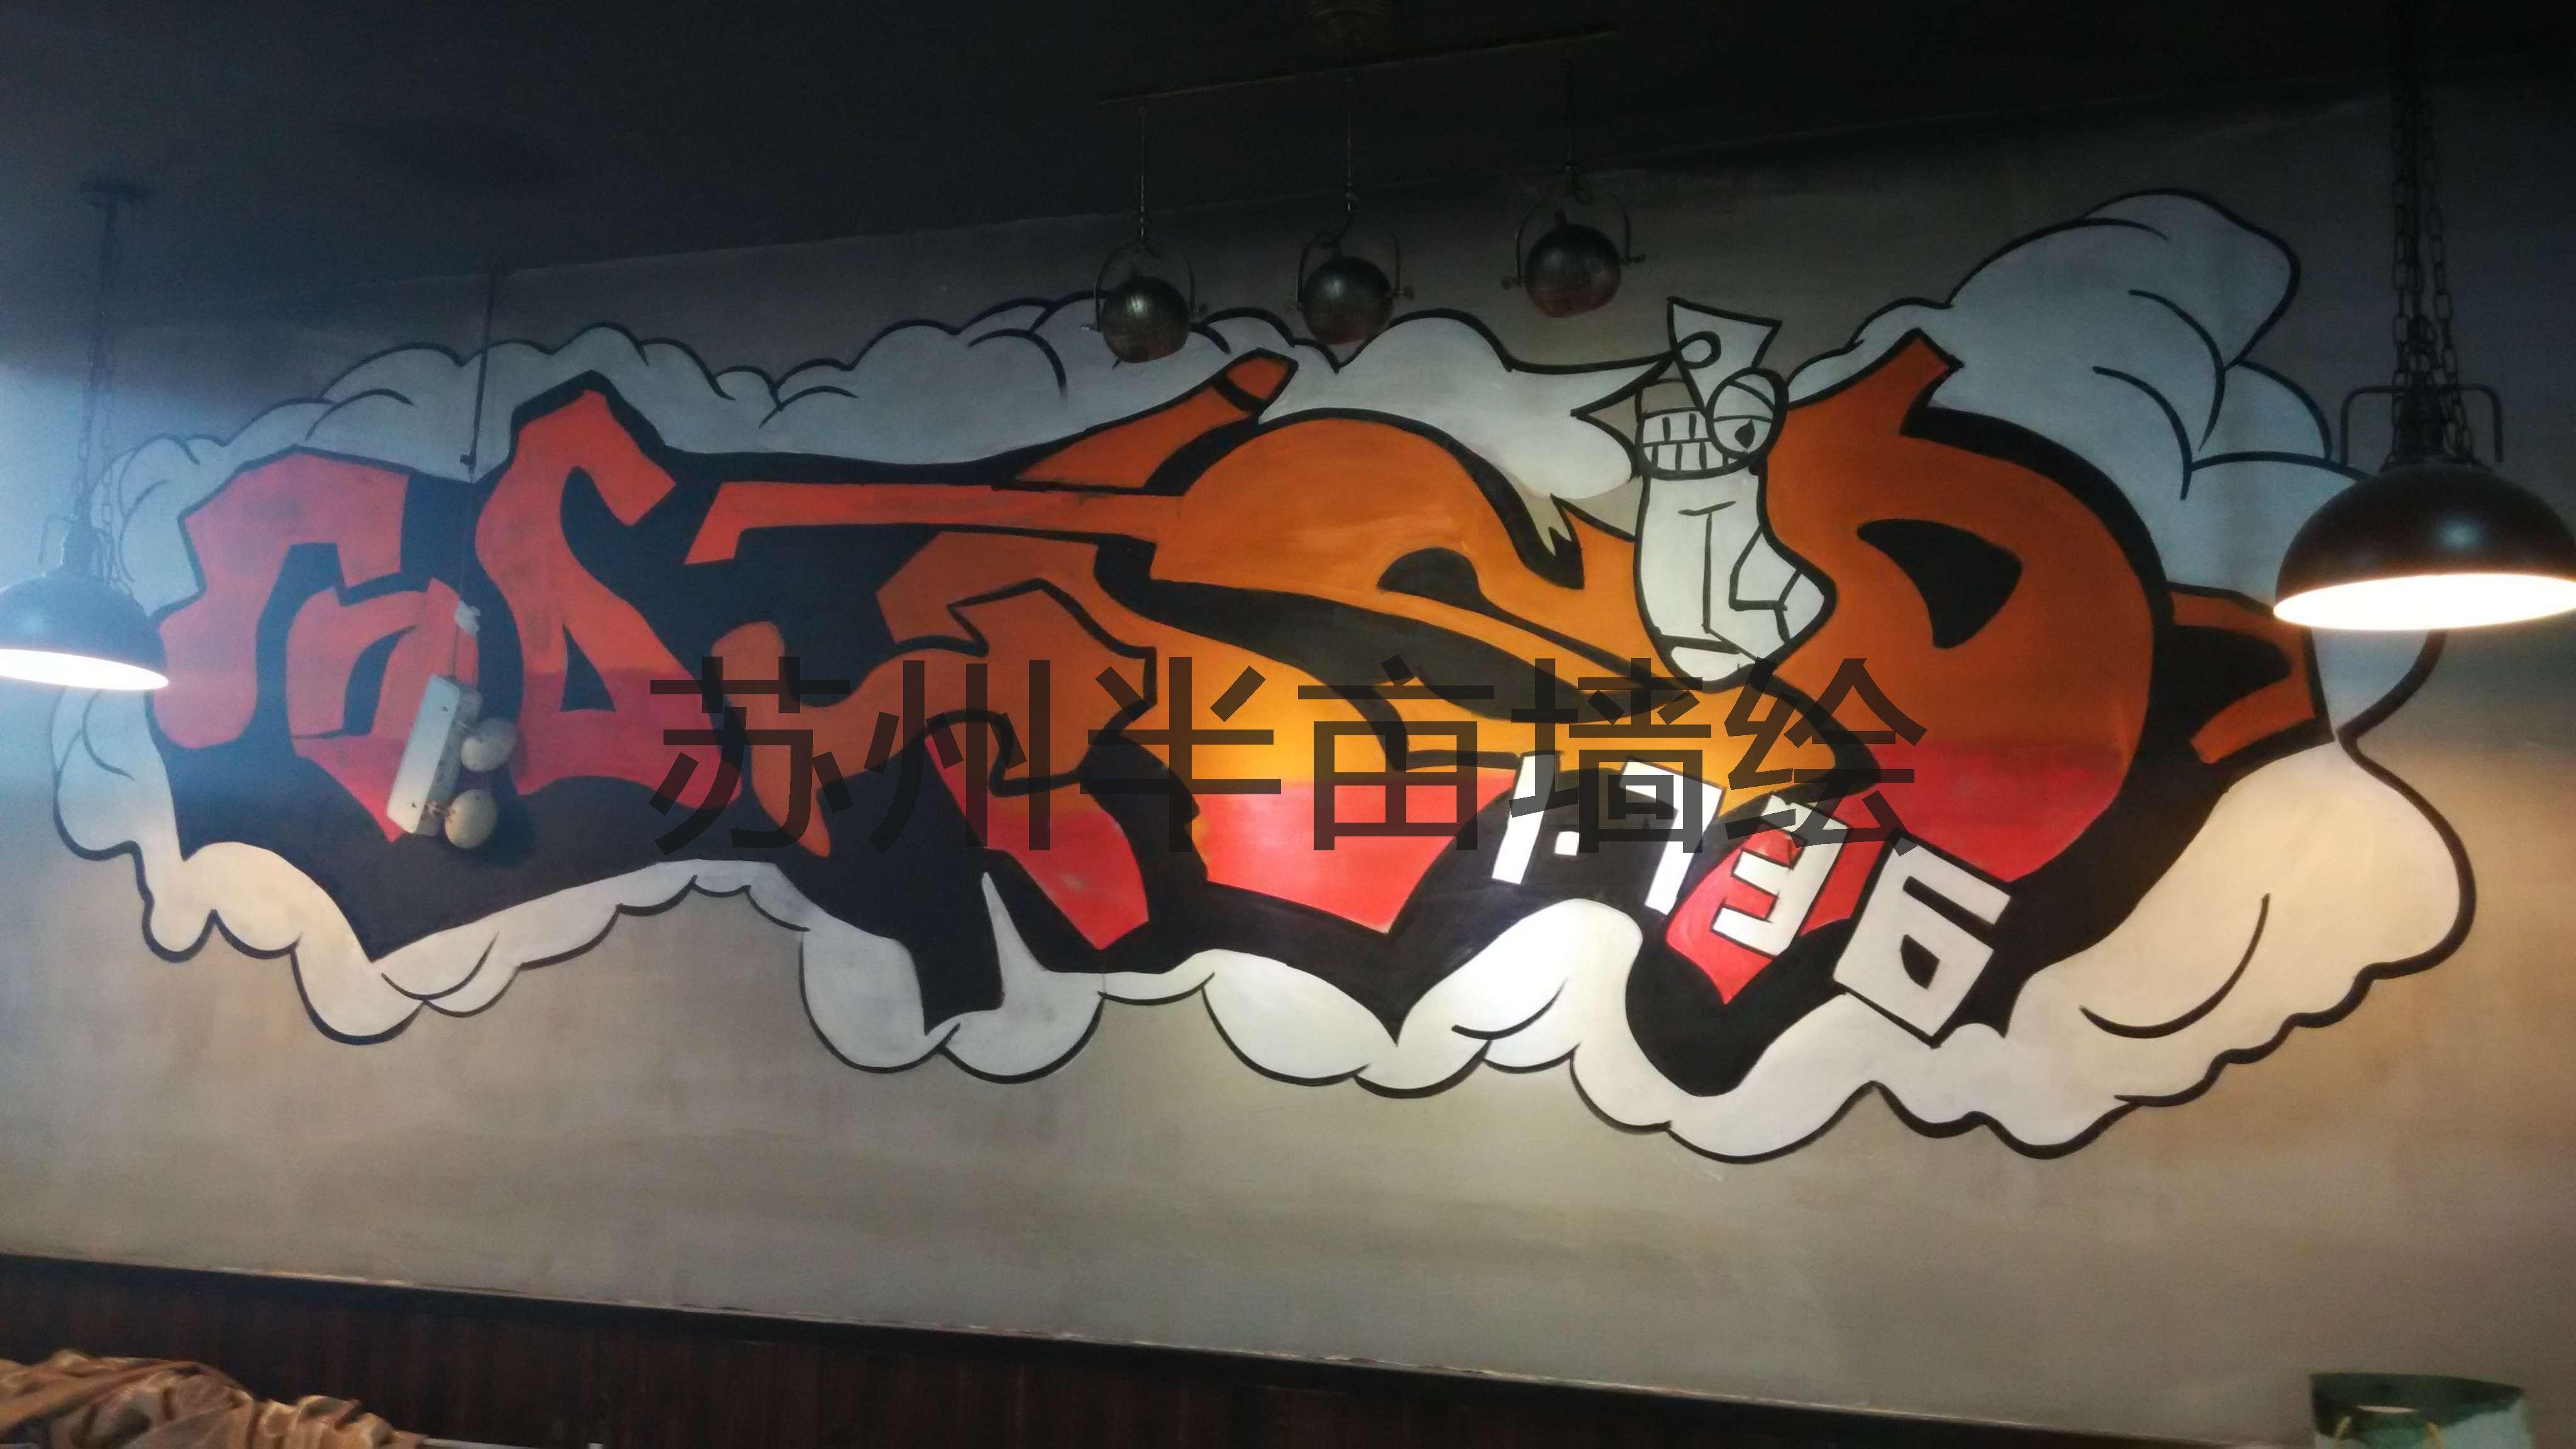 卡通涂鸦手绘墙网吧墙绘 - 苏州半亩(红枫叶)墙绘公司